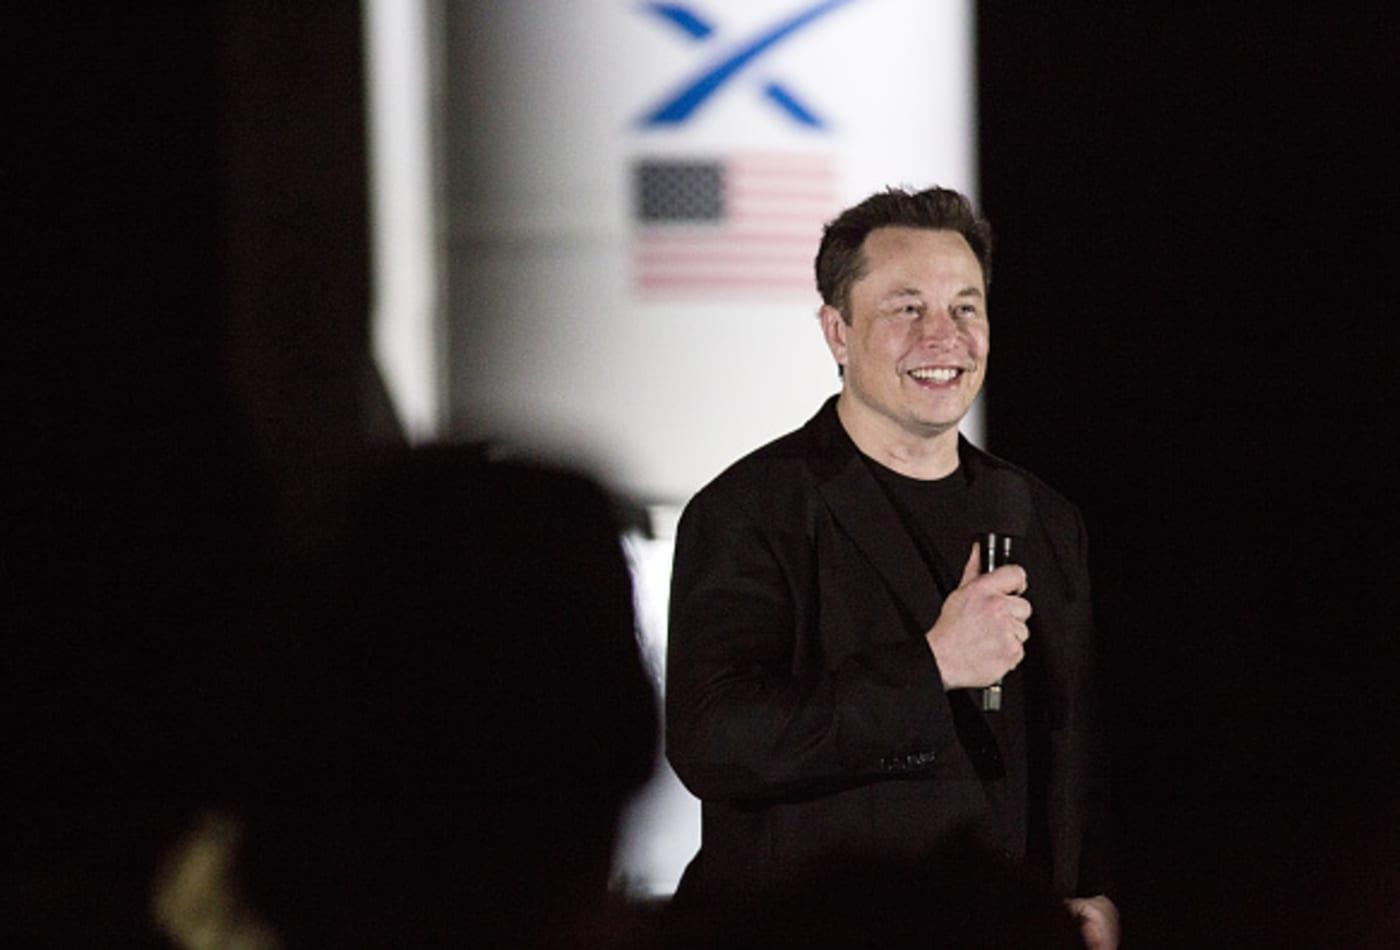 Frases de Elon Musk que te inspirarán a ser mejor